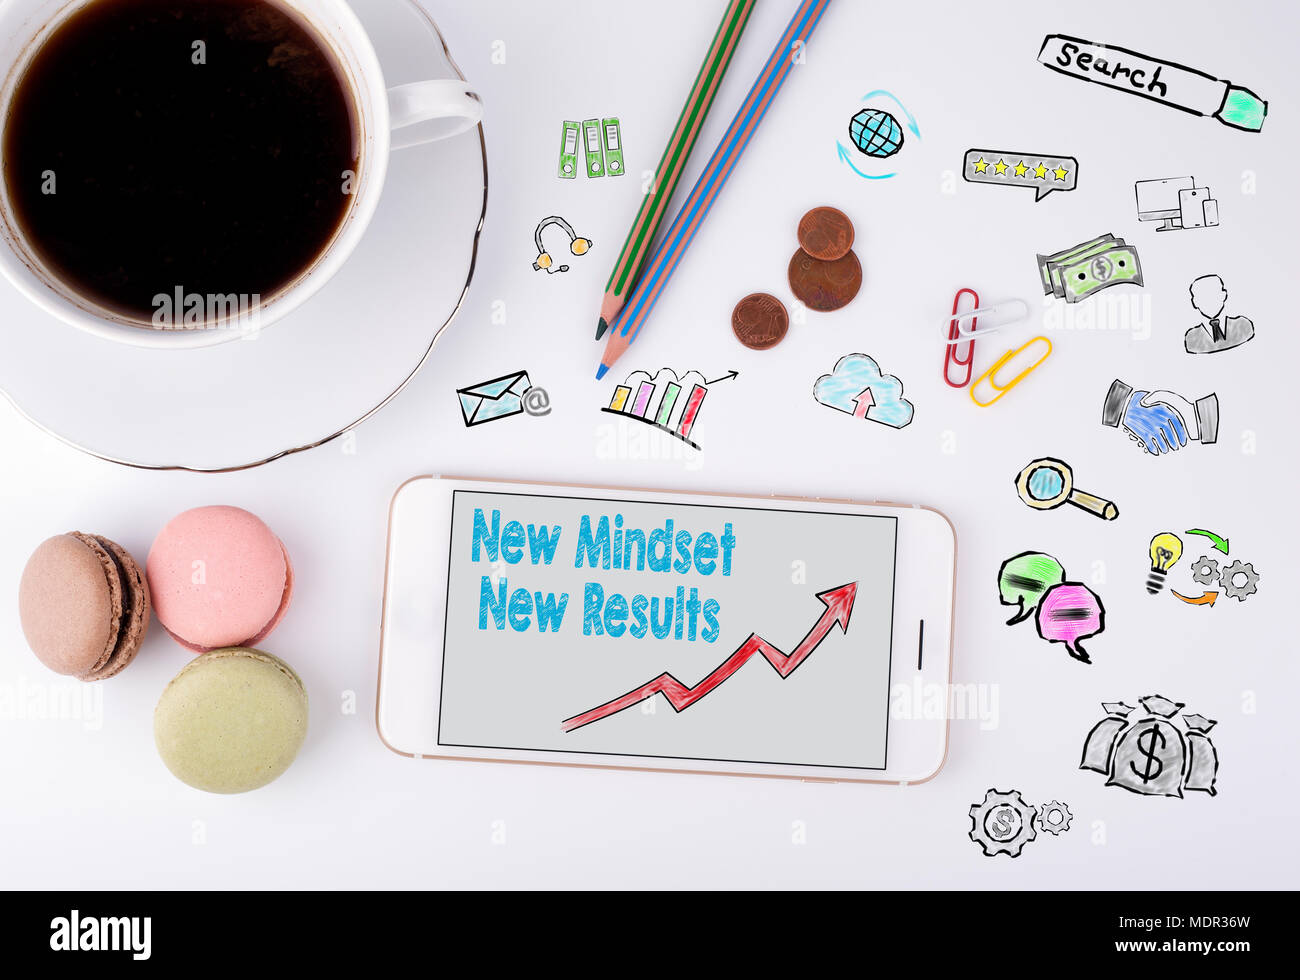 Nueva Mentalidad nuevo concepto de resultados. Teléfono móvil y taza de café en un escritorio de oficina en blanco Imagen De Stock